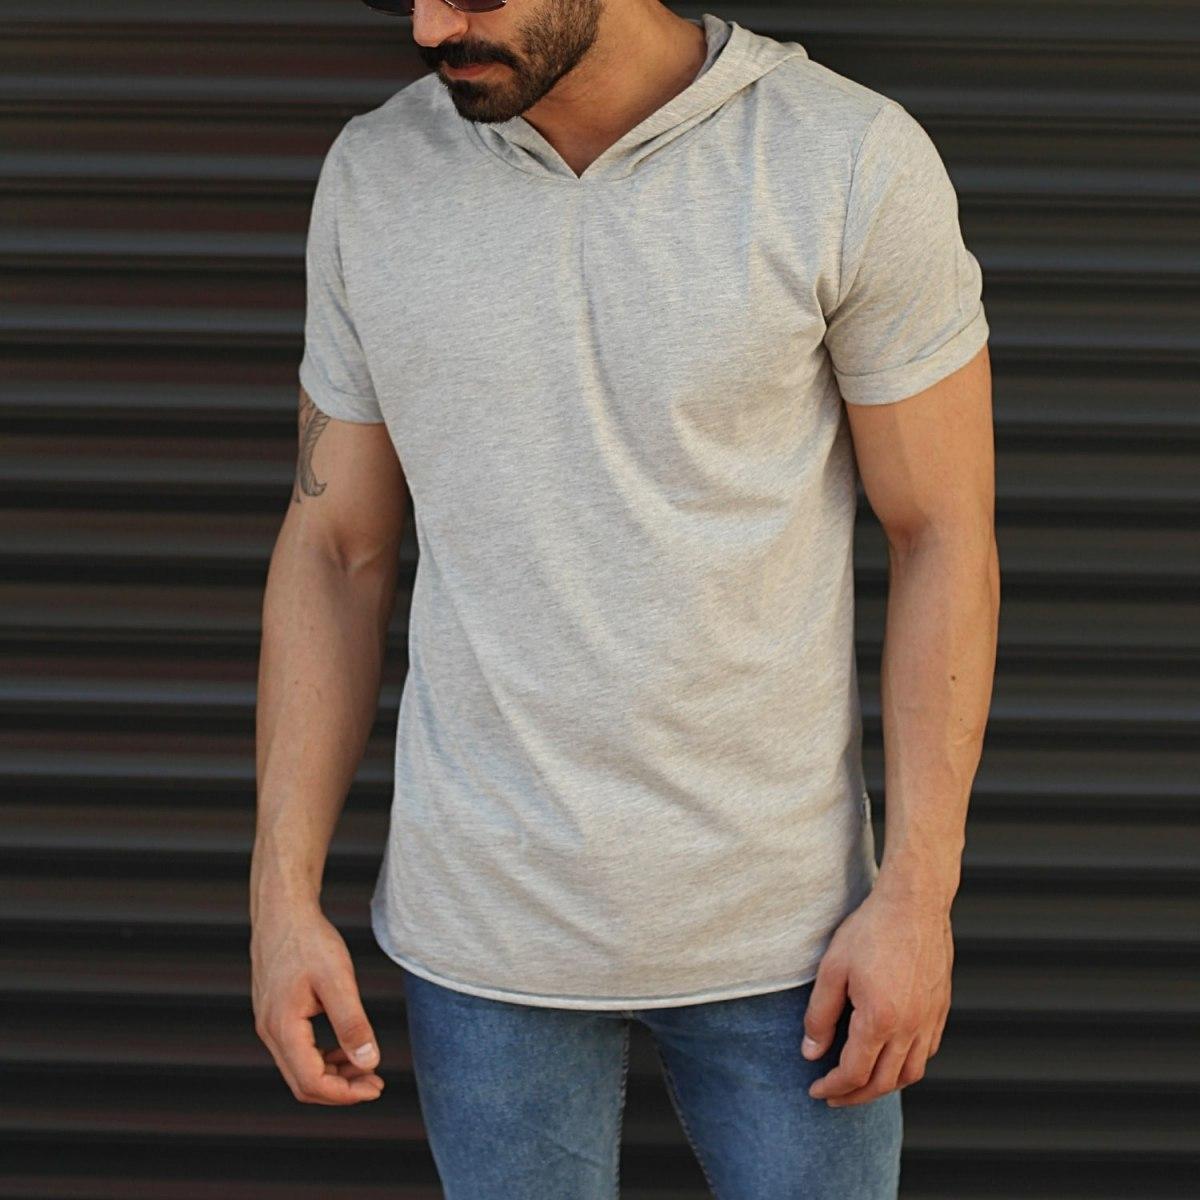 Men's Hooded Longline Basic T-Shirt Gray Mv Premium Brand - 1